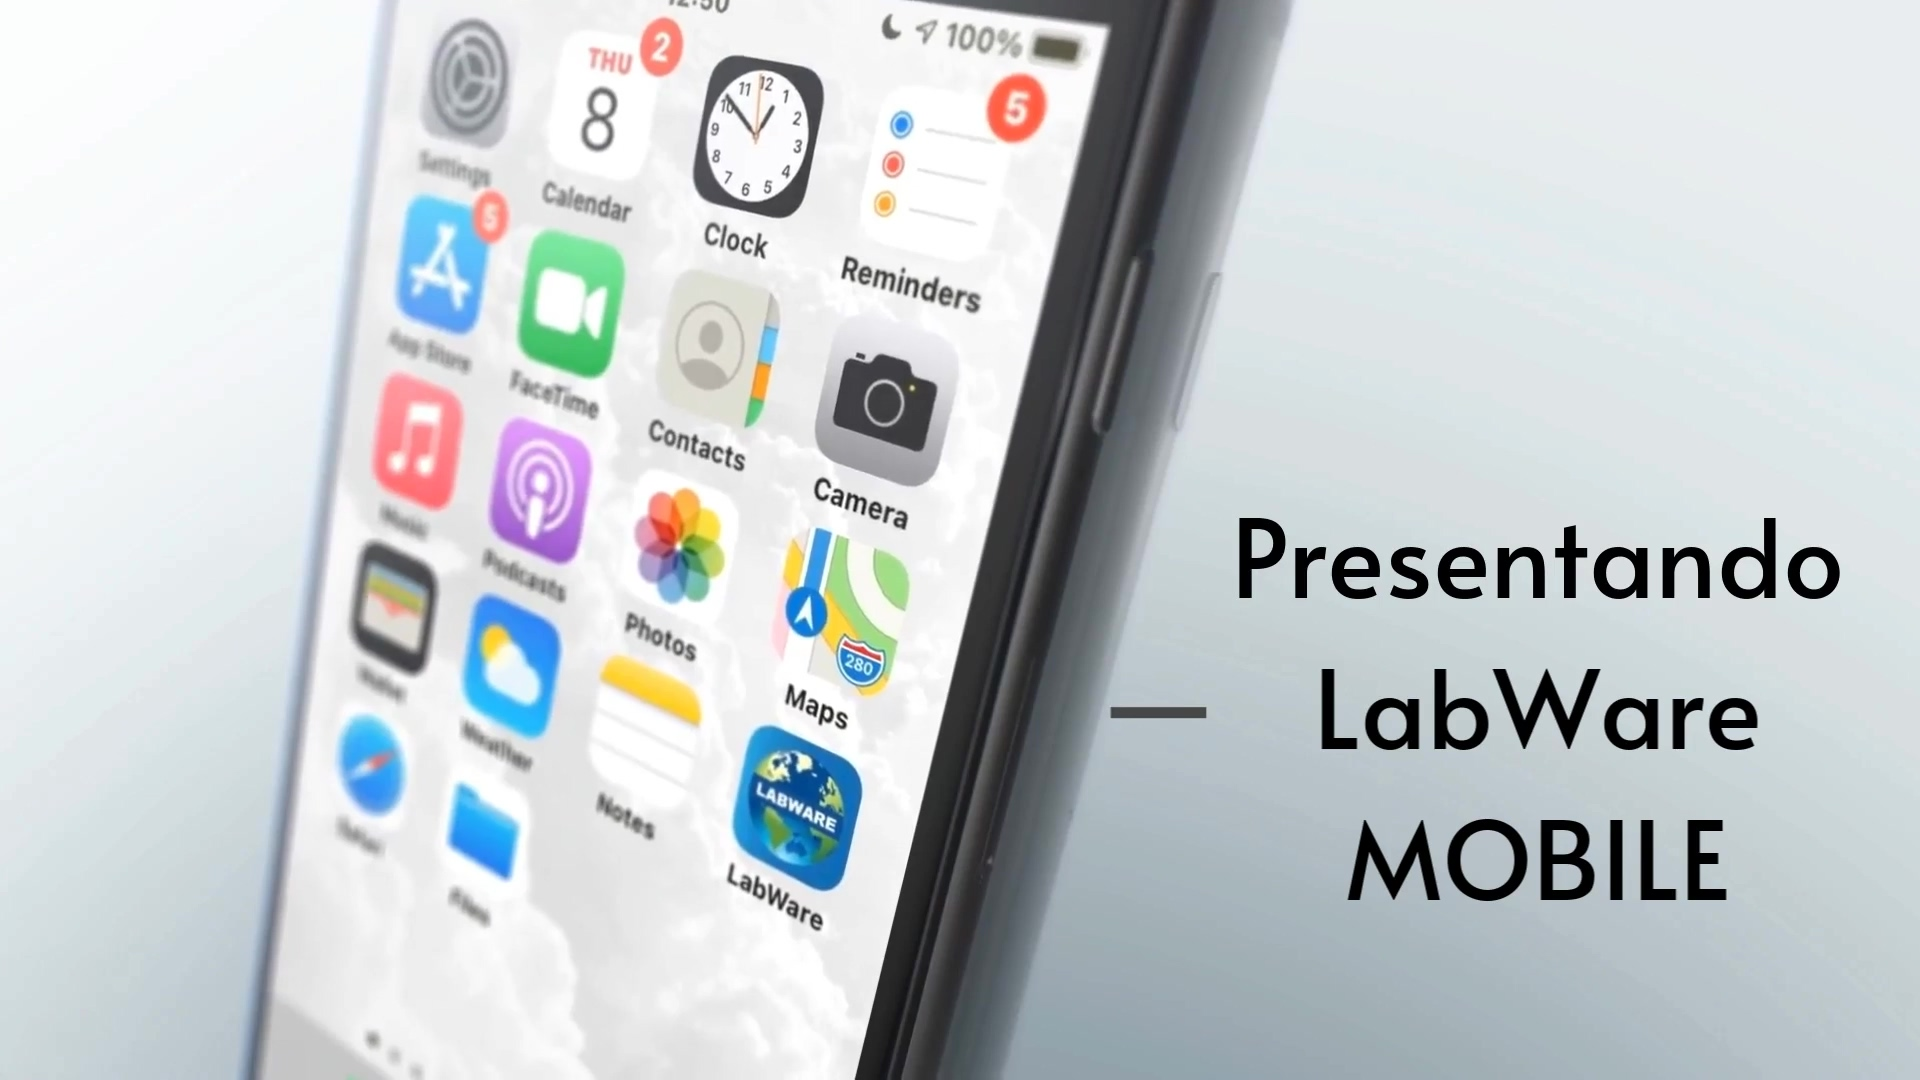 labware-mobile-promo-20210715-espanol